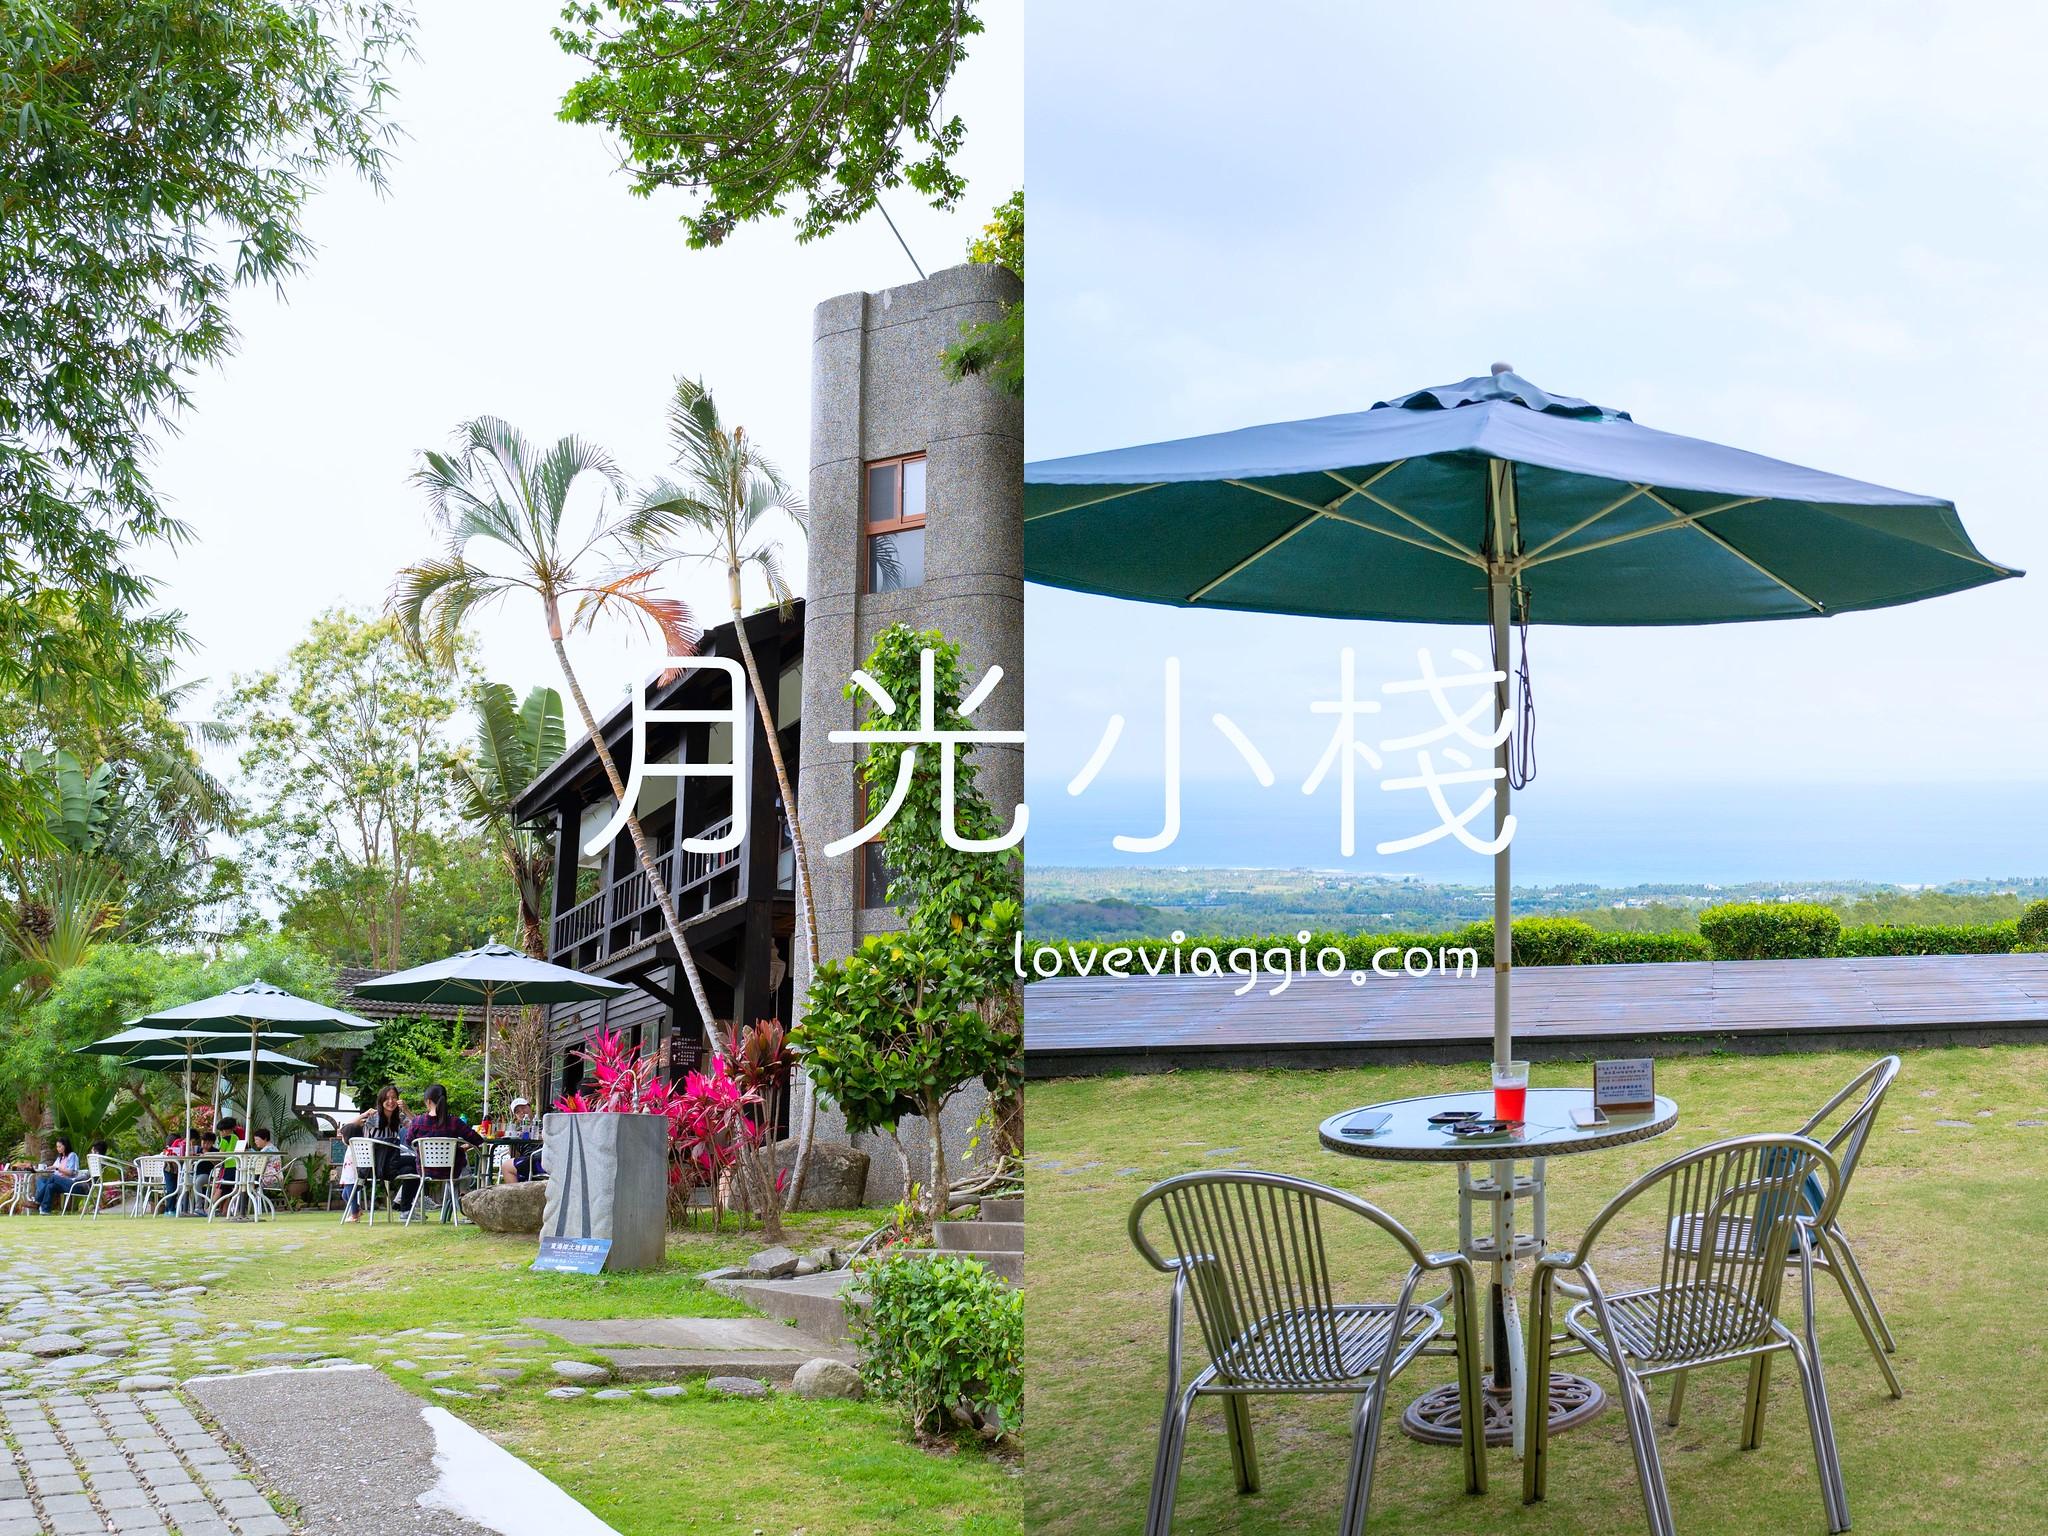 療癒看海咖啡系列 ☼ 熱蒐全台北中南東30間海景咖啡餐廳(2021持續更新) @薇樂莉 Love Viaggio | 旅行.生活.攝影